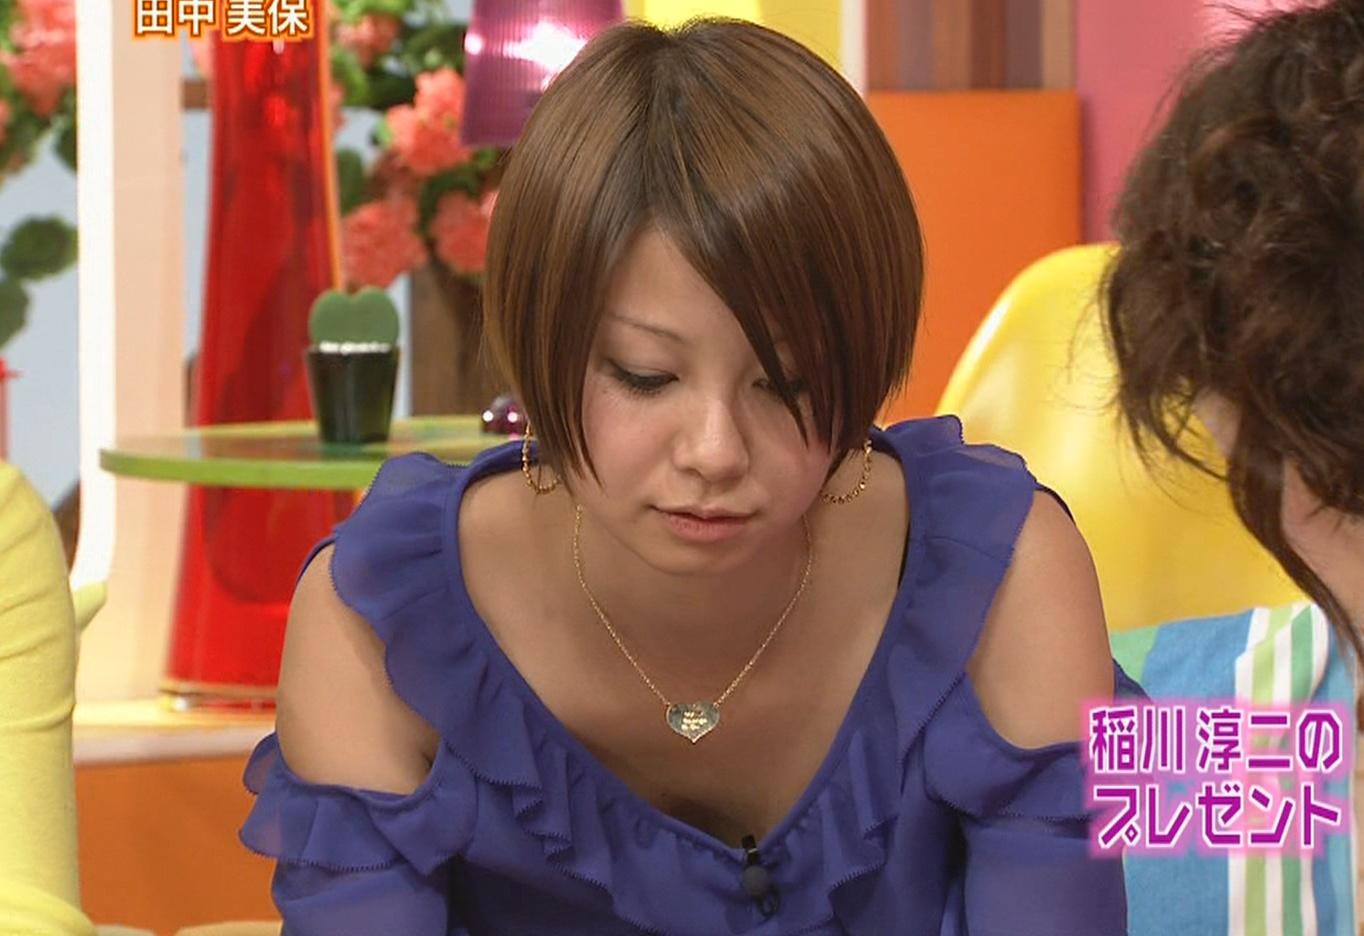 田中美保 少しだけ胸元がみえたキャプ画像(エロ・アイコラ画像)